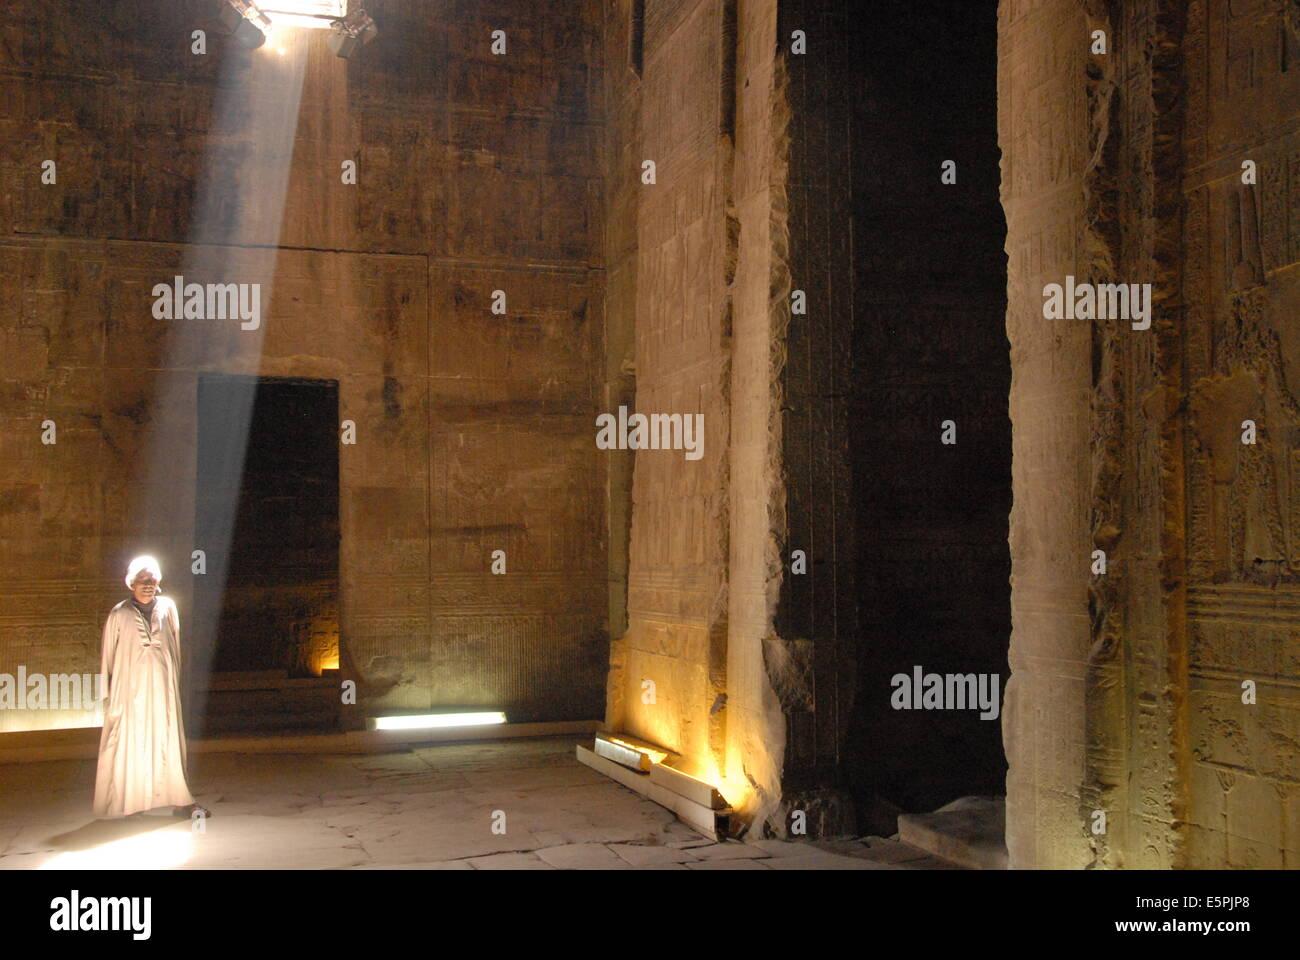 El exterior de la sala hipóstila salen en el templo de Dendera Hathor, necrópolis, Qena, en el valle del Nilo, Egipto, Foto de stock